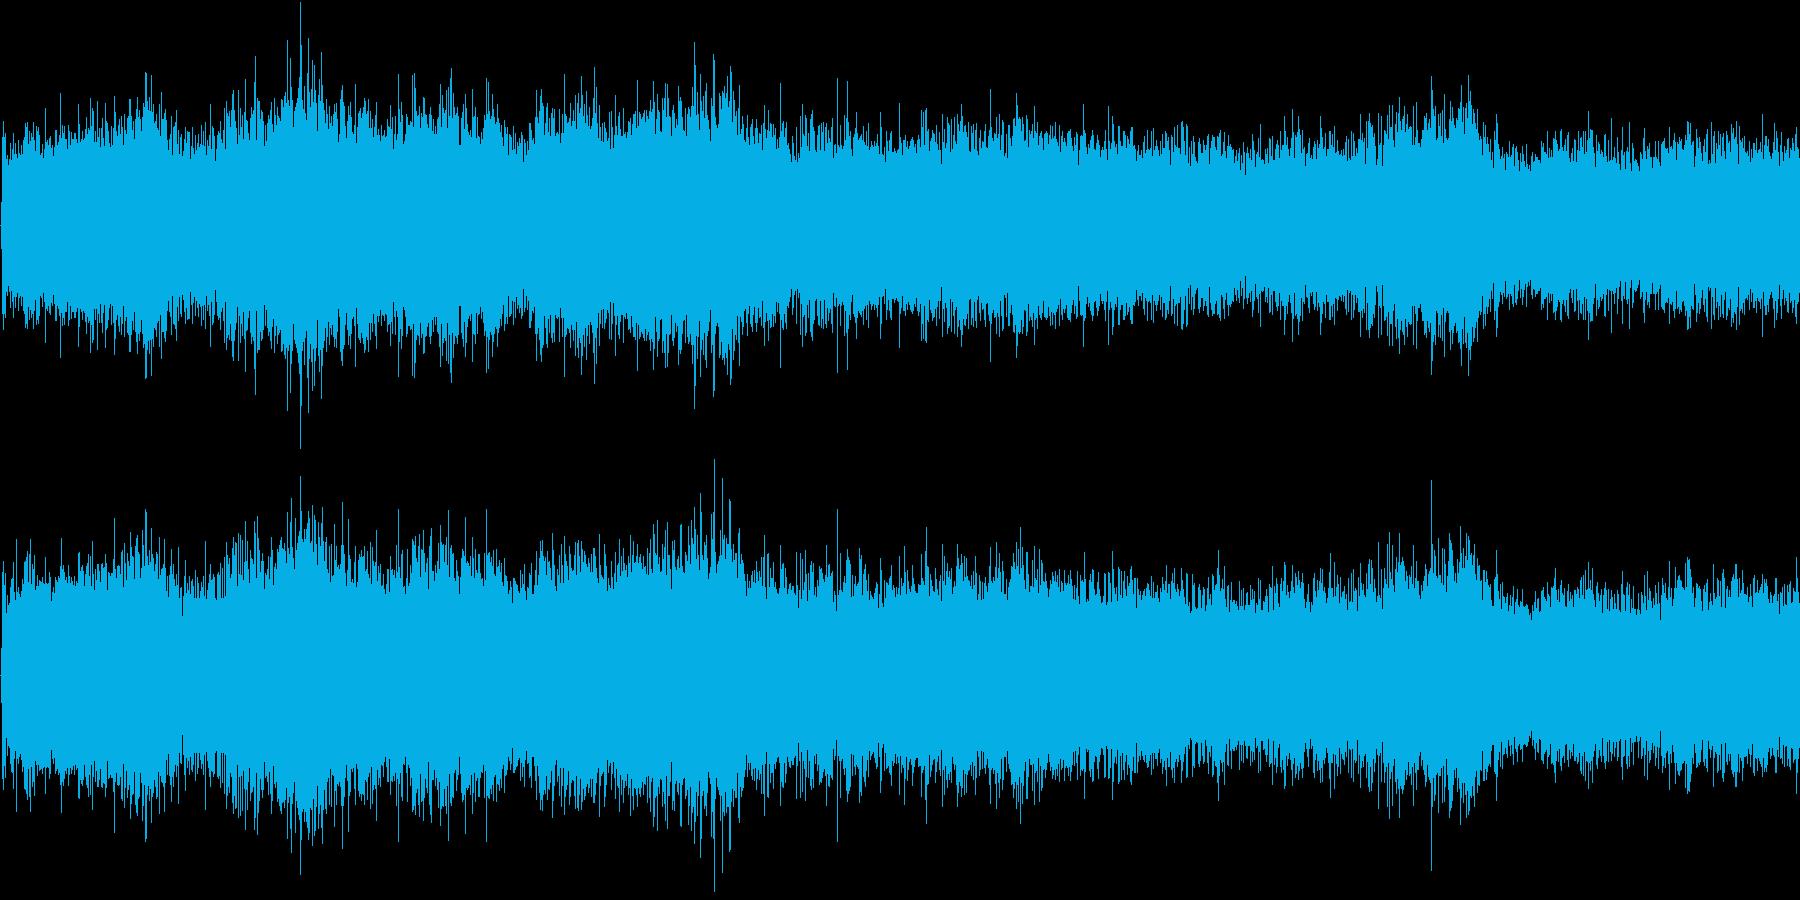 ザー・ざー・みしみしの再生済みの波形